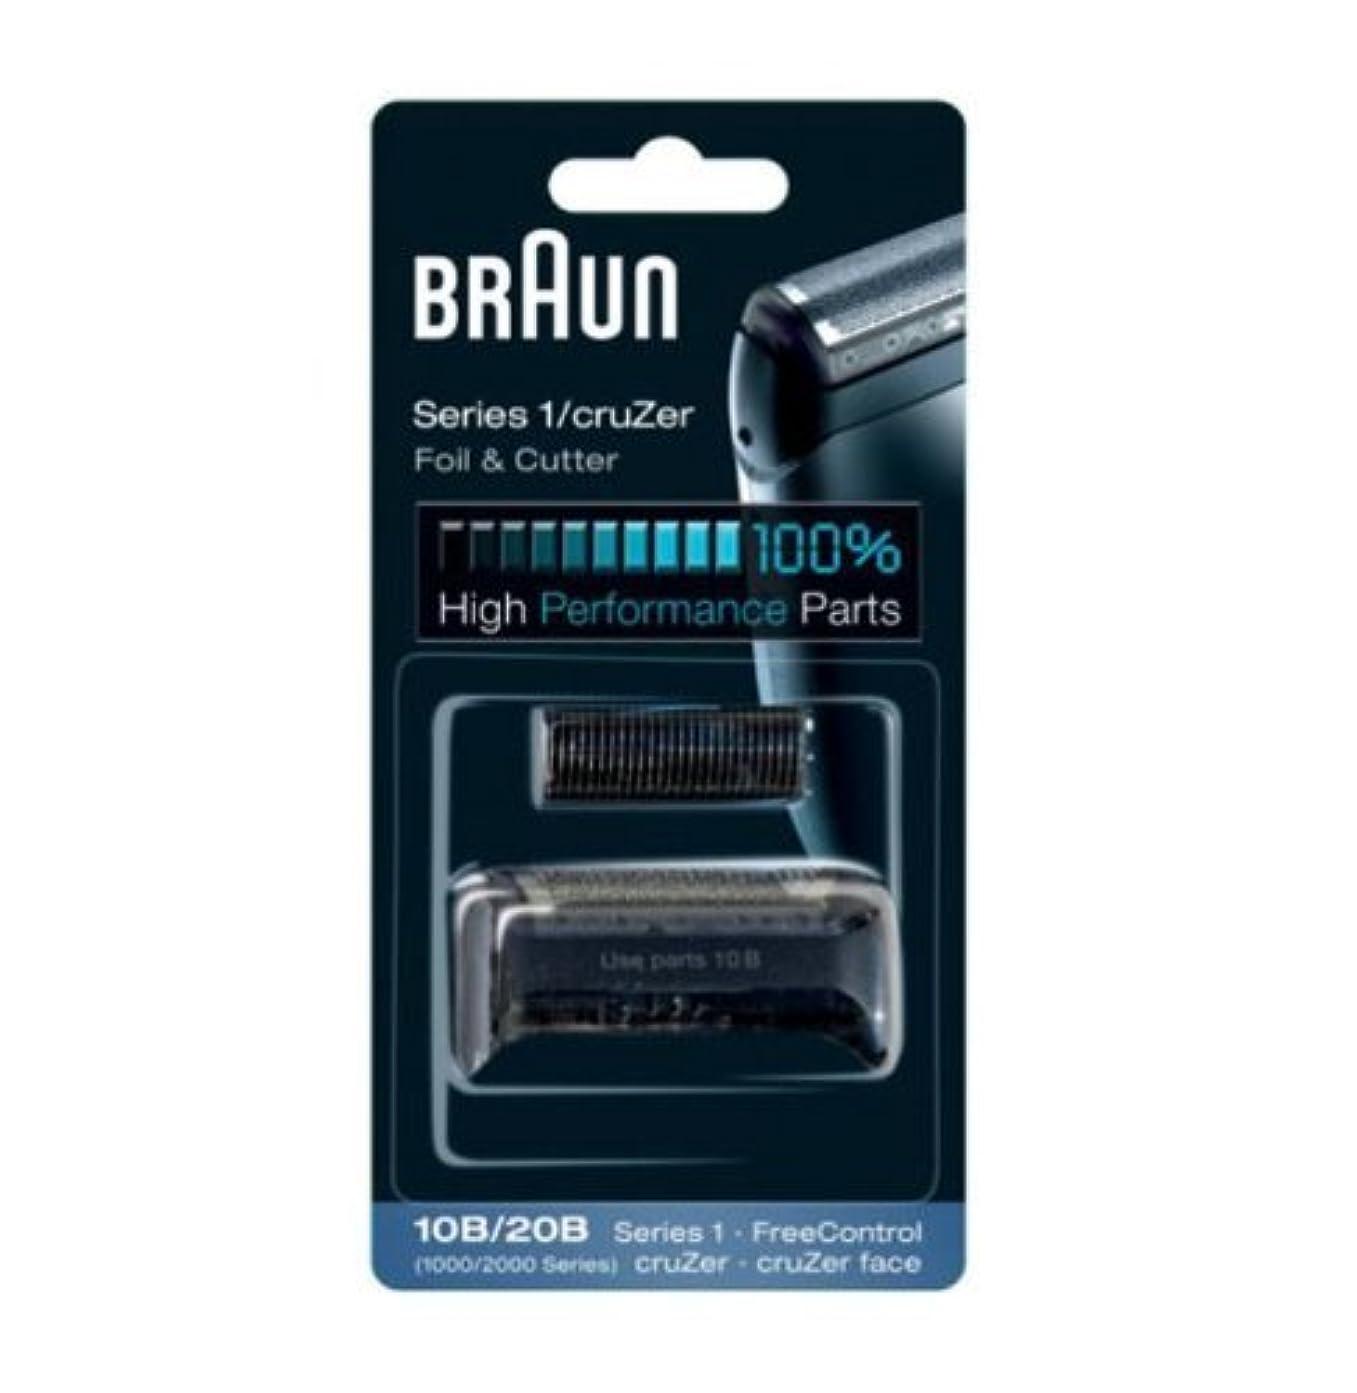 自分を引き上げるシートあまりにもBraun Replacement Foil & Cutter - 10B, Series 1,FreeControl - 1000 Series by Braun [並行輸入品]